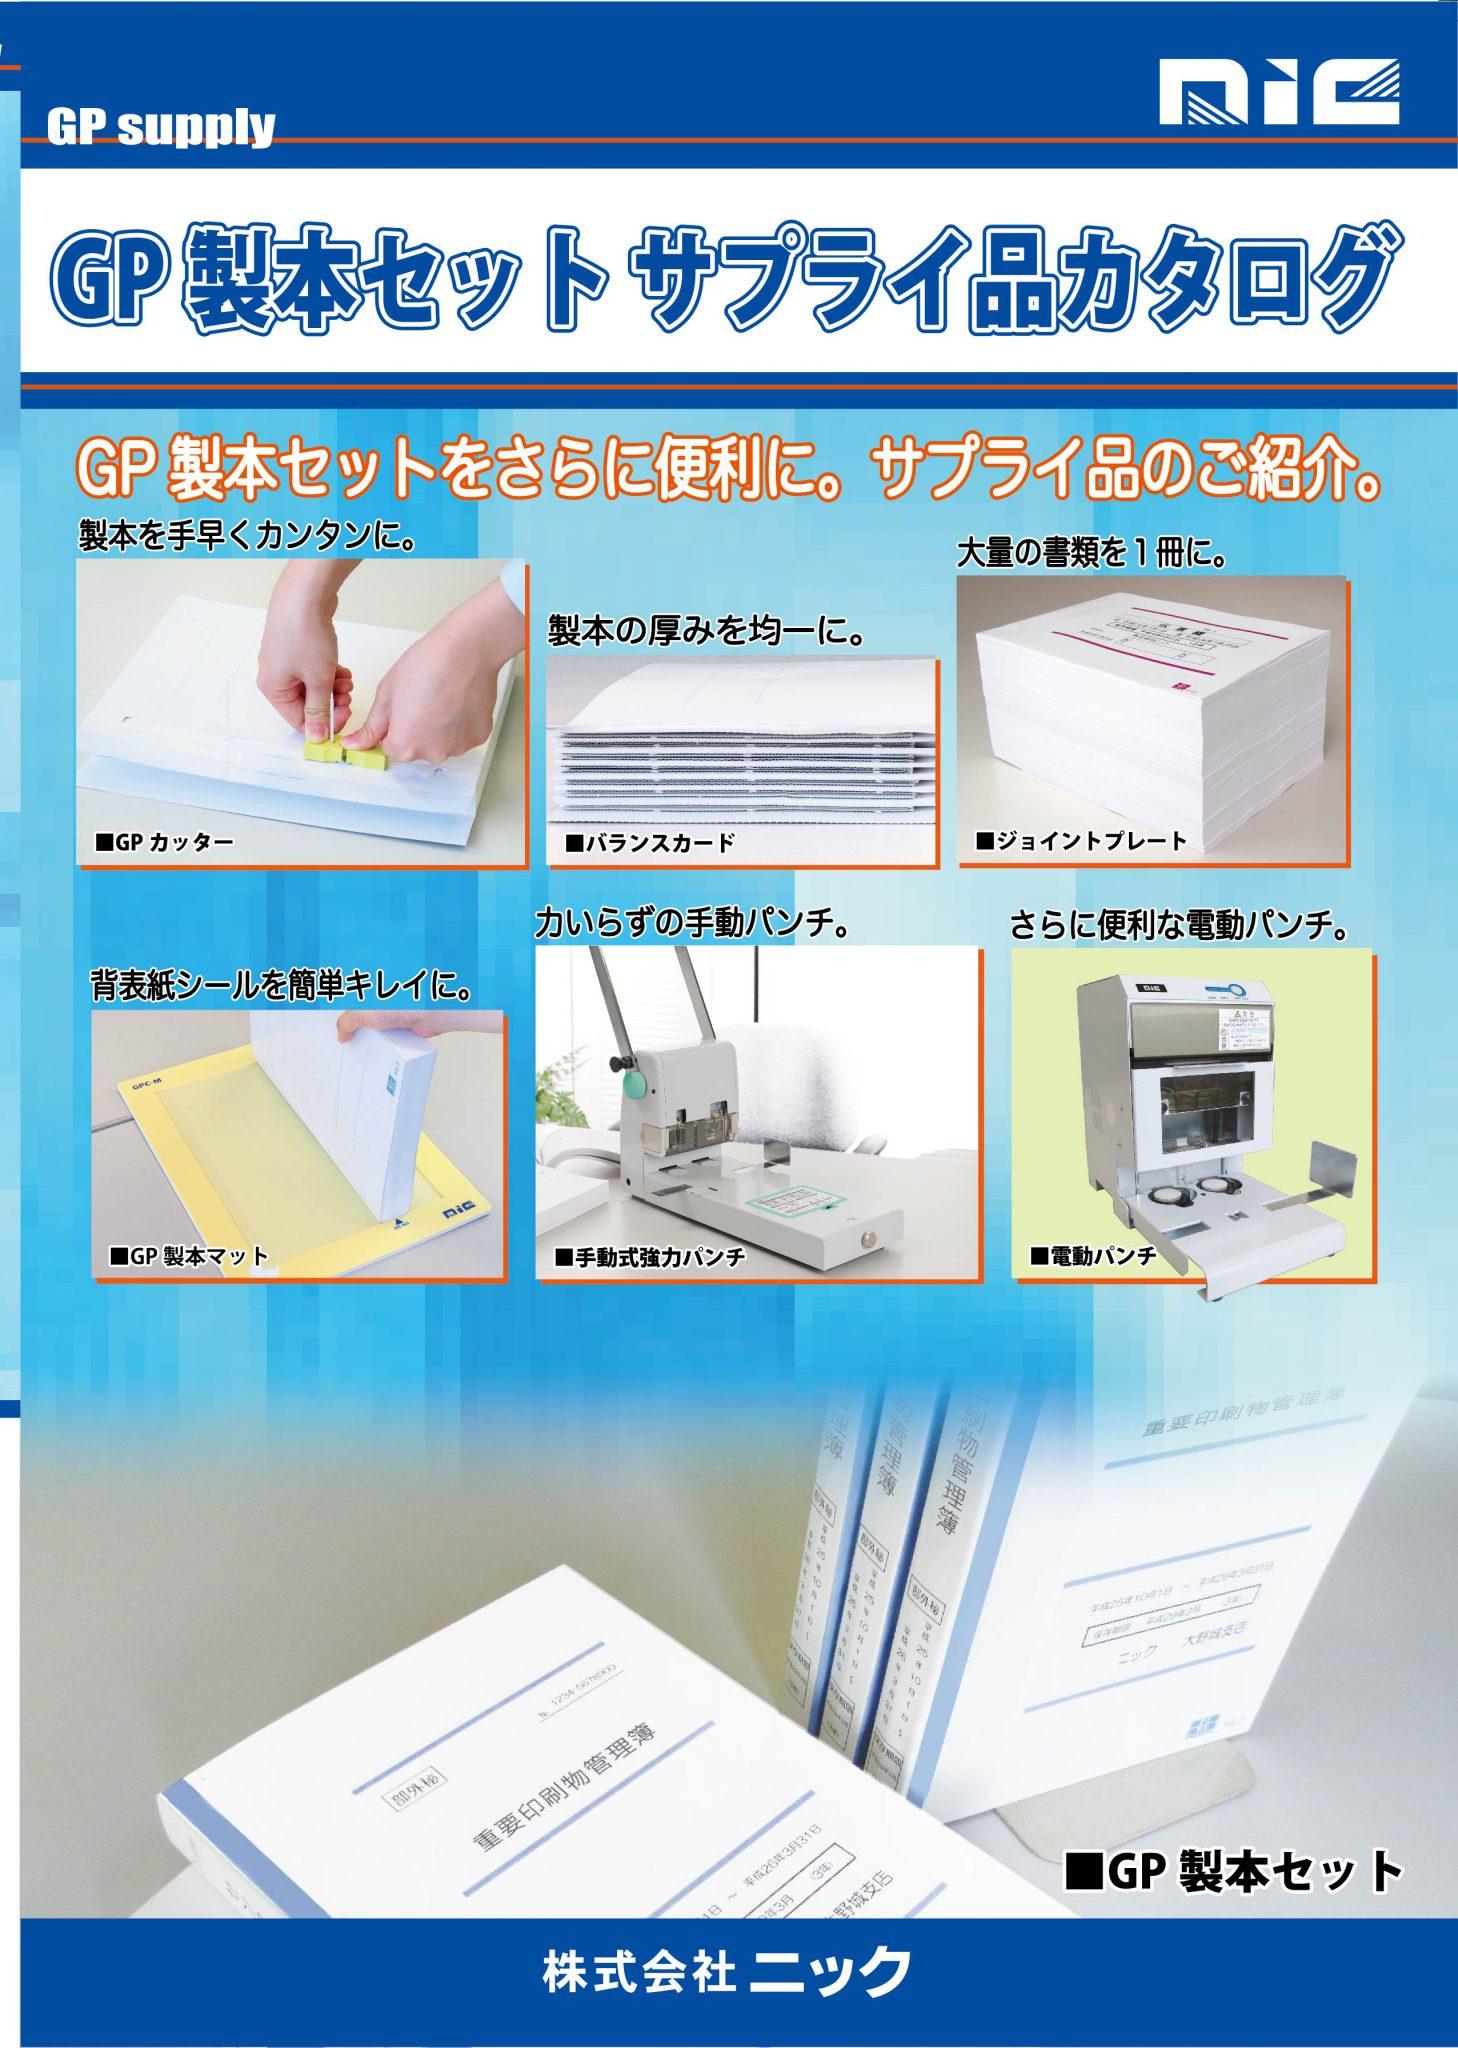 【自治体様向け】GP製本セットサプライ品